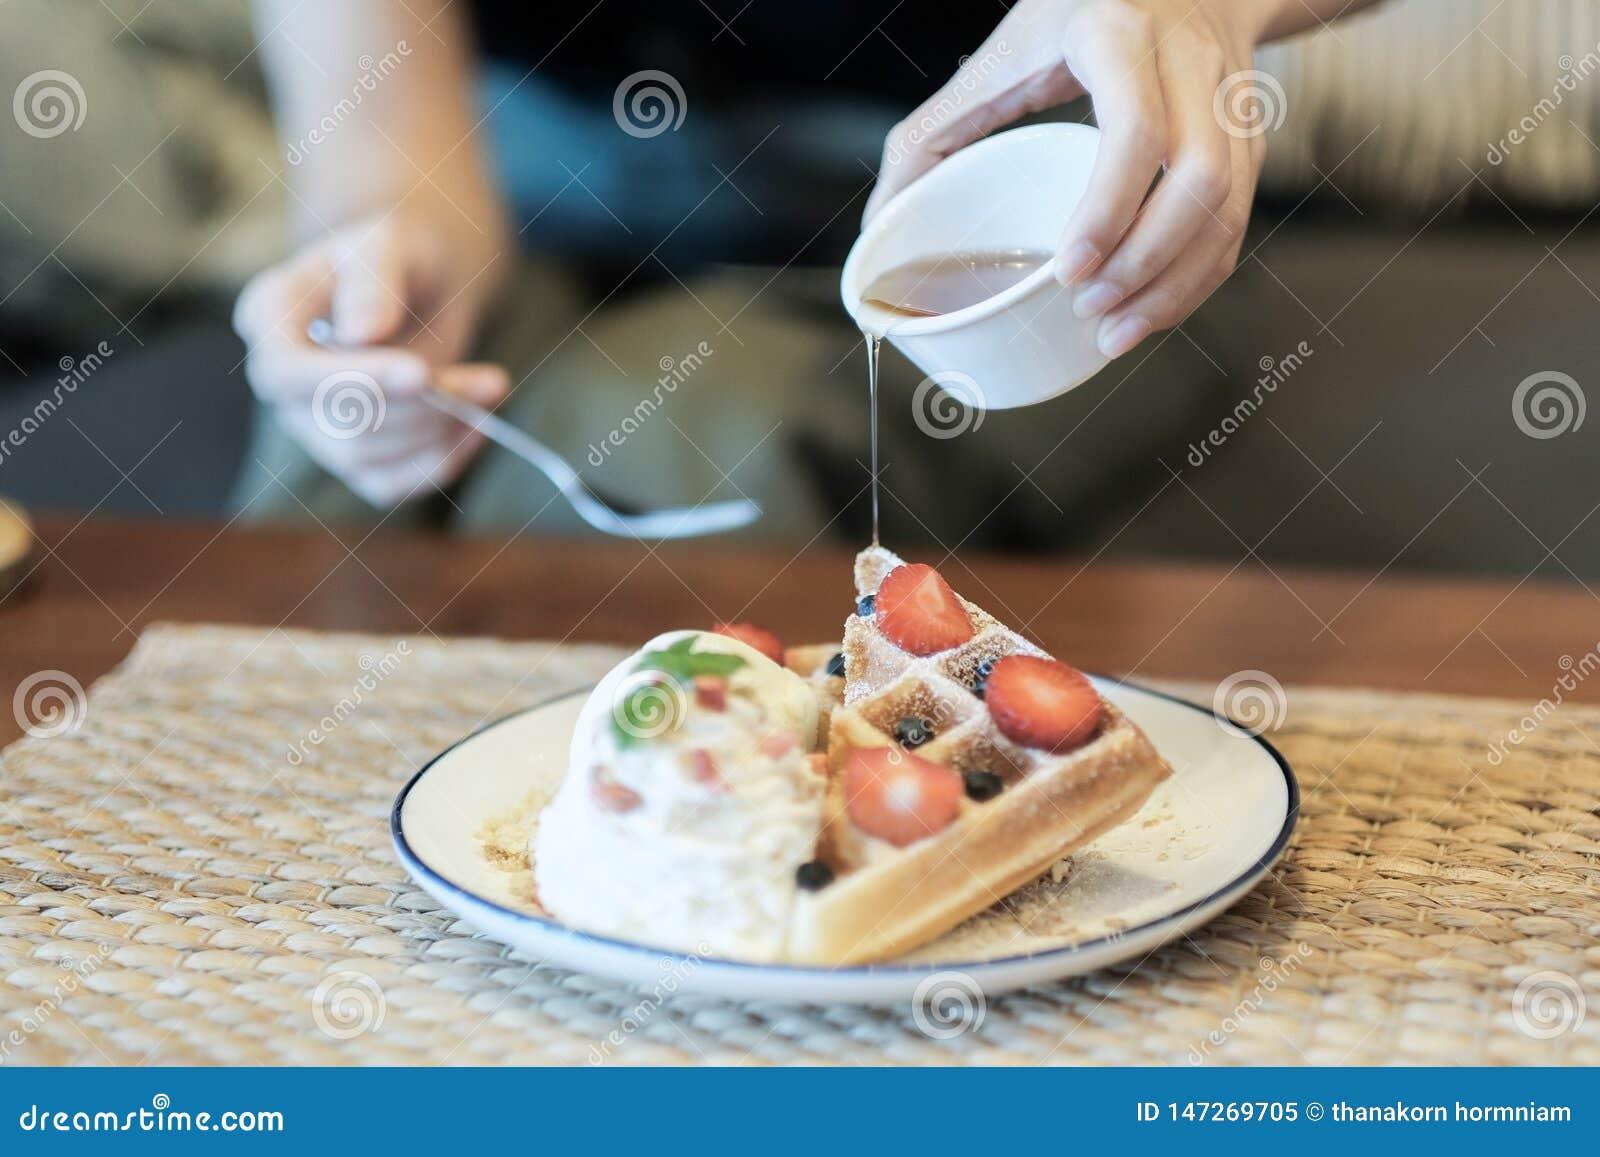 Ice Cream Strawberry Waffle